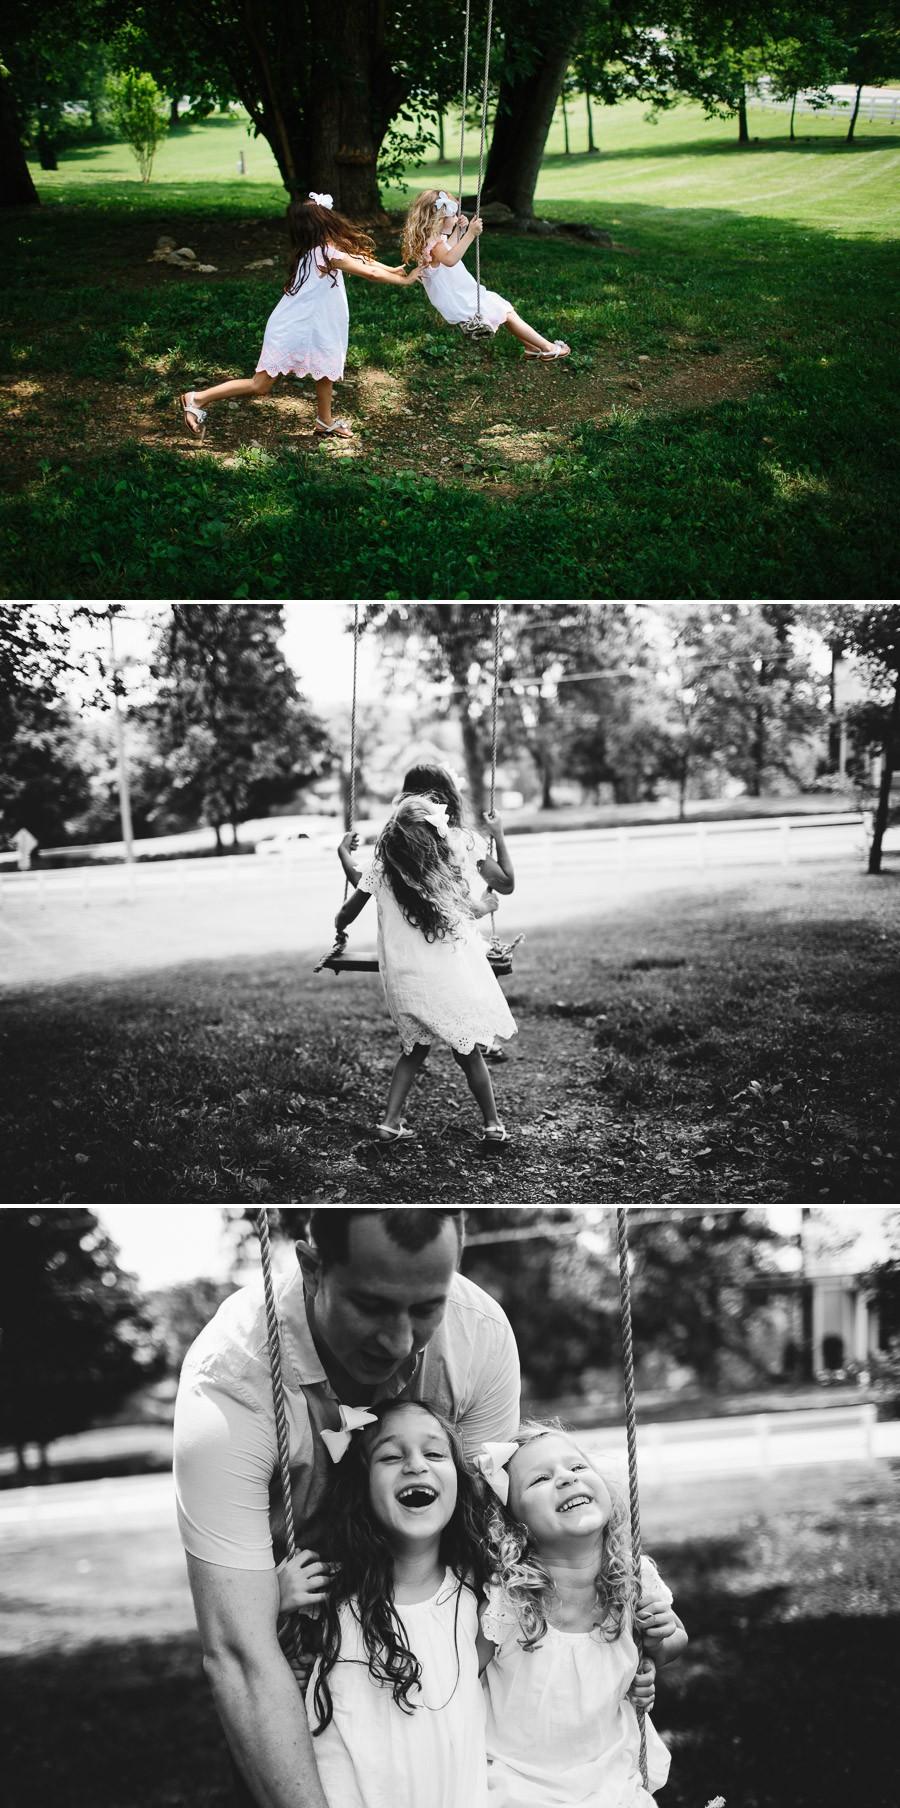 The-Livelys-Wedding-Photographer-albuquerque_0348.jpg